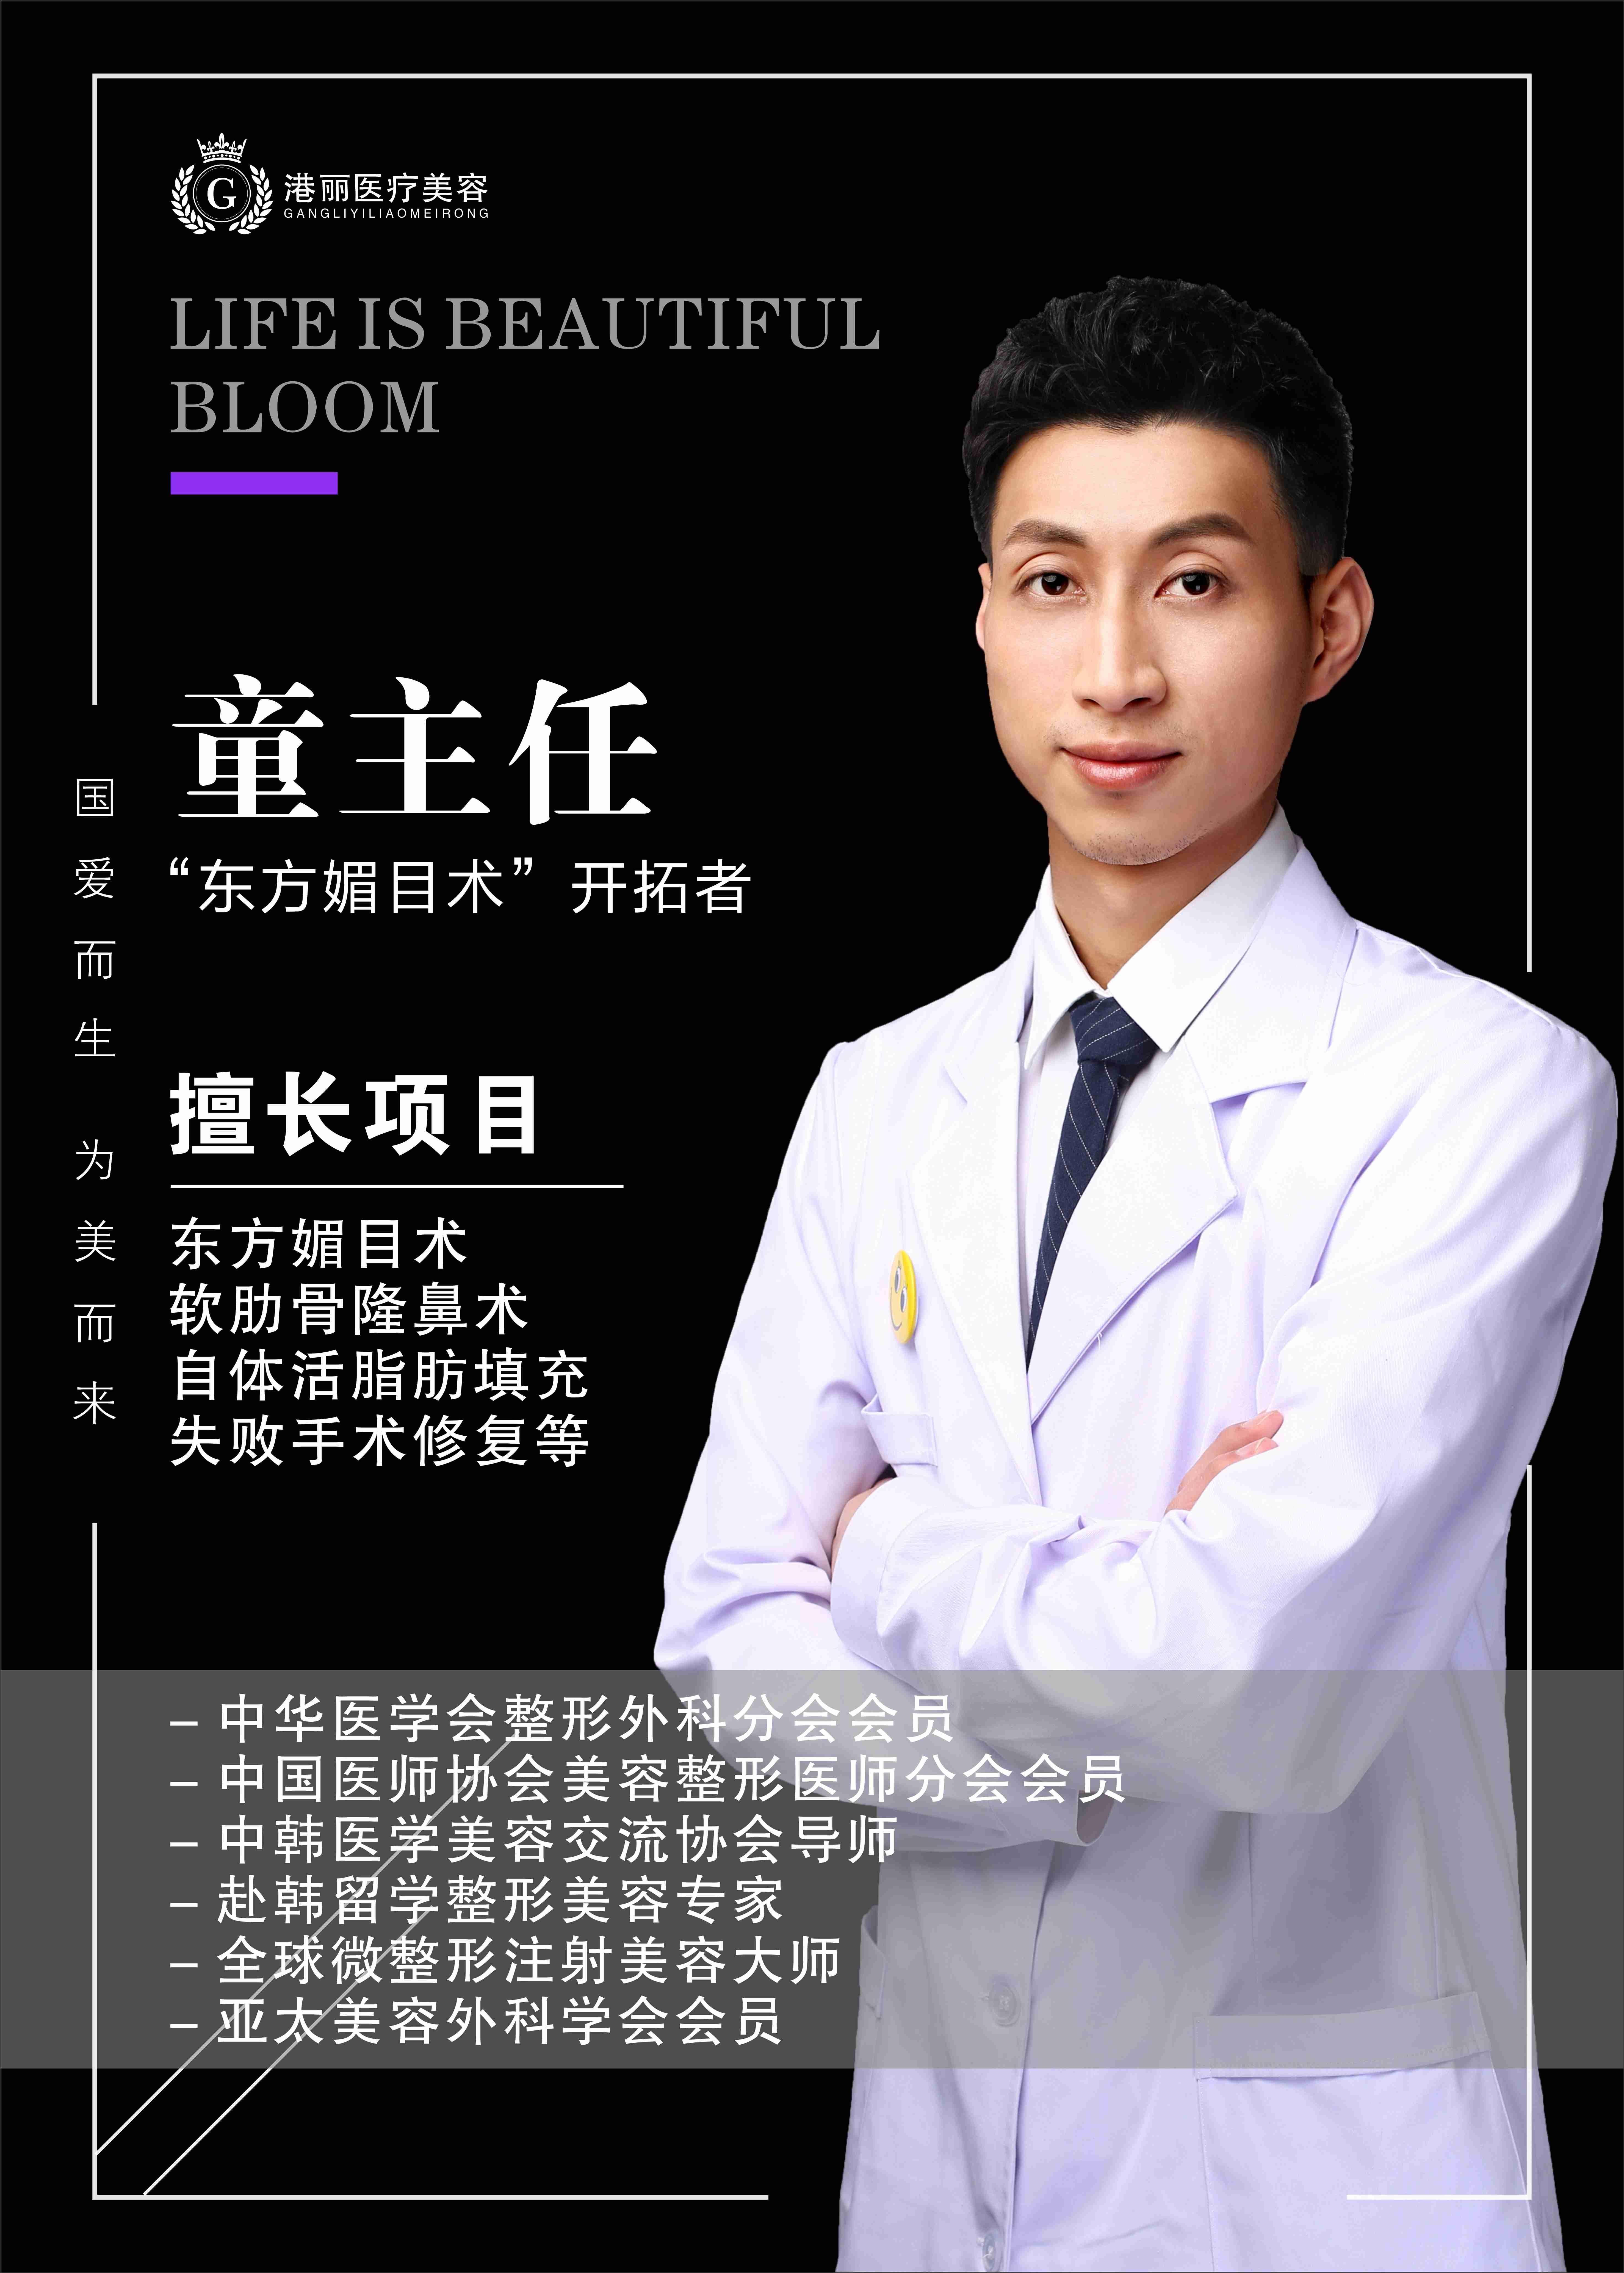 童佳奇医生